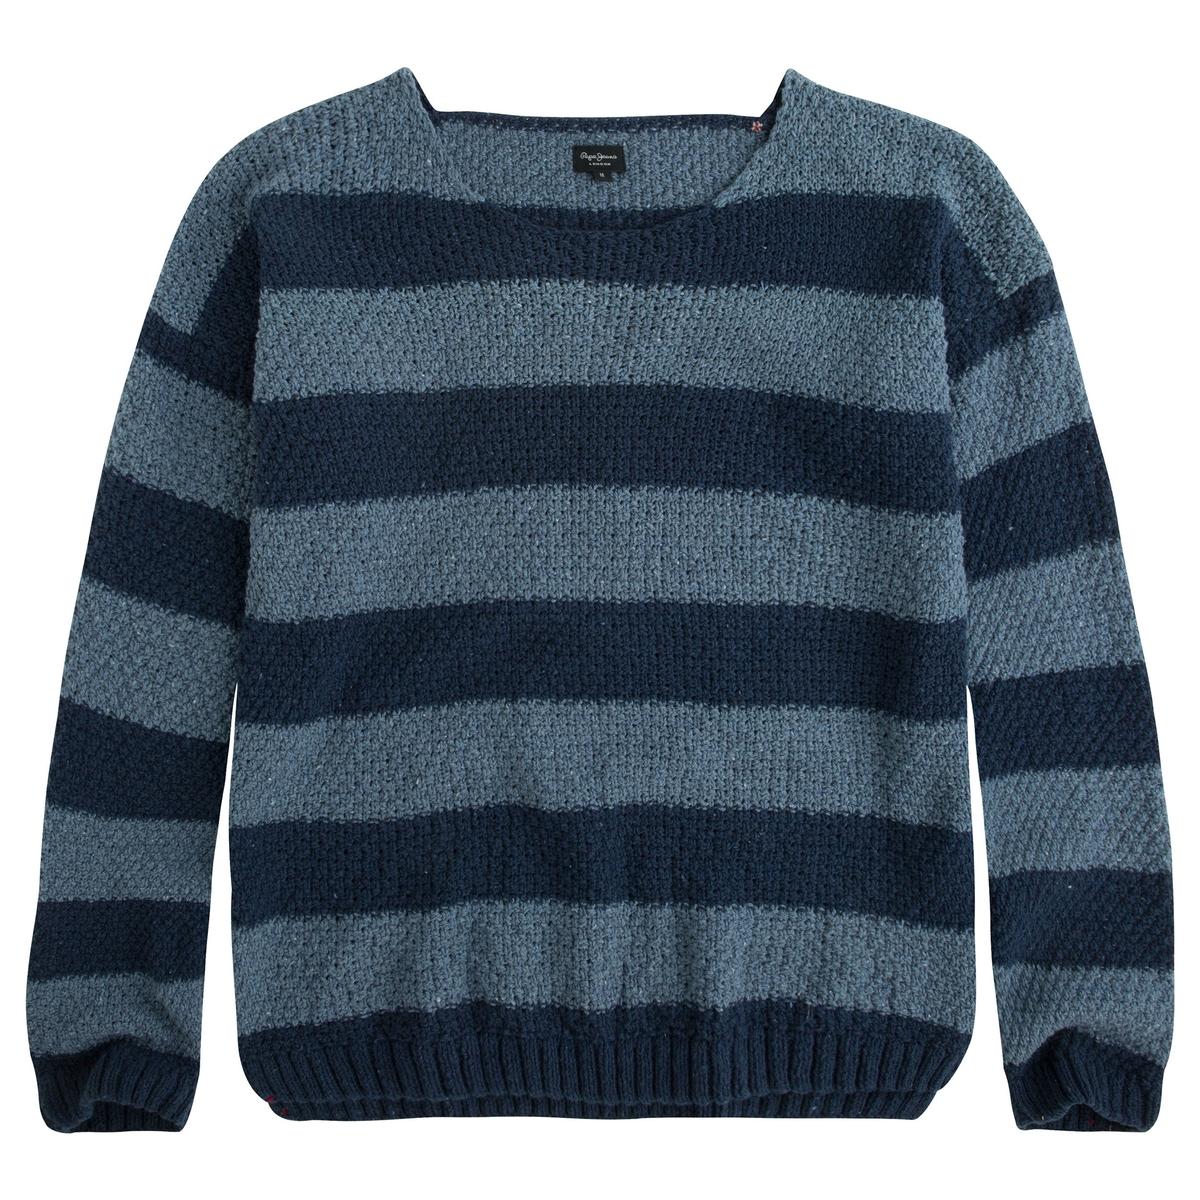 Пуловер в полоску из хлопкаМатериал : 20% шерсти, 80% хлопка  Длина рукава : длинные рукава  Форма воротника : высокий воротник  Покрой пуловера : стандартный  Рисунок : в полоску<br><br>Цвет: темно-синий в полоску